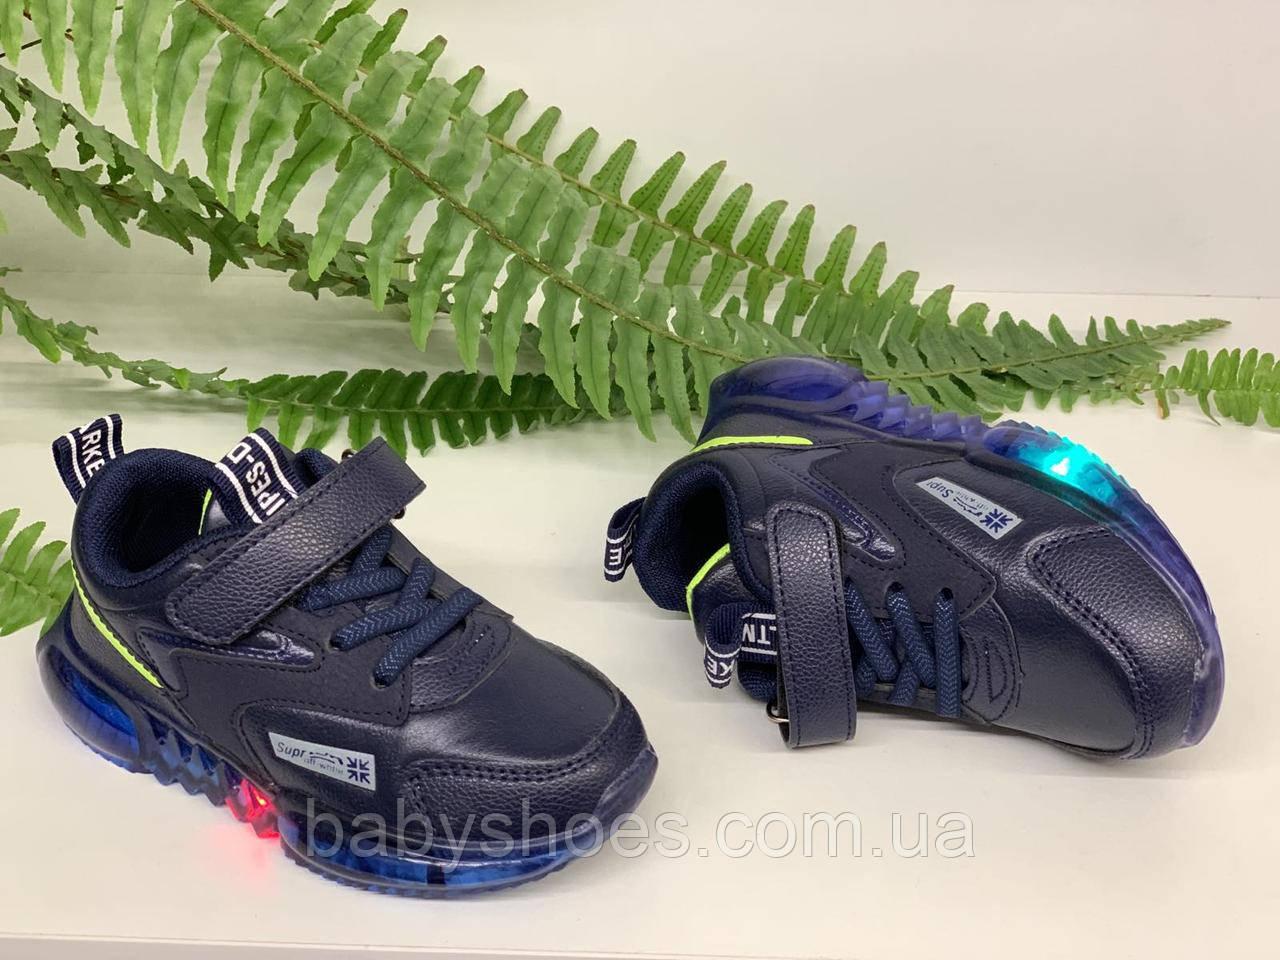 Кроссовки для мальчика светодиодные CSCK.S  Венгрия р.25-29 КМ-413